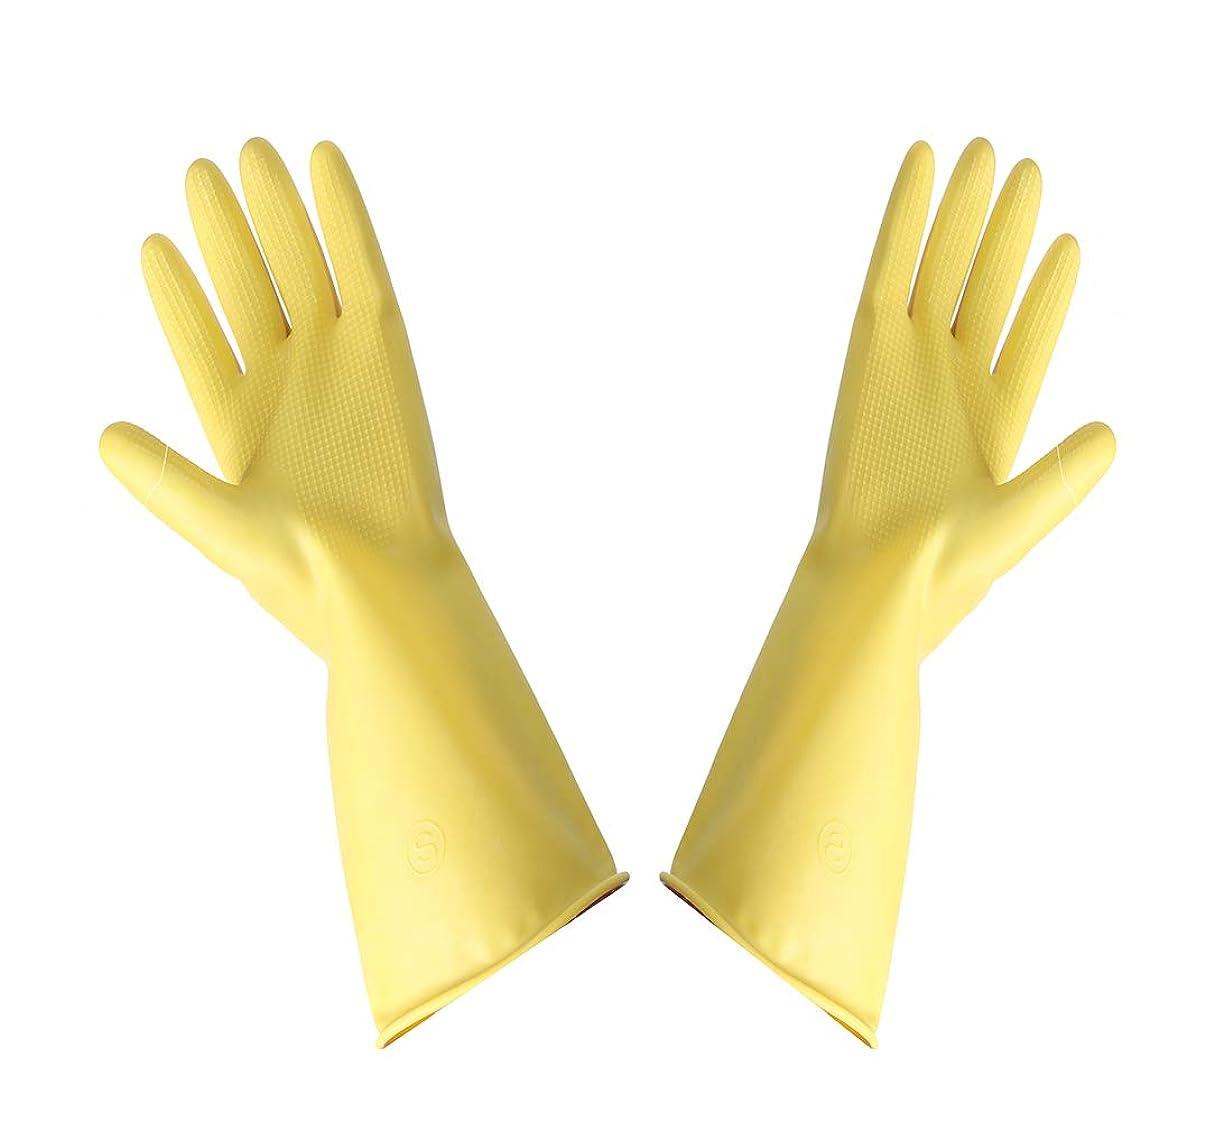 性的マダムバーストMILISION キッチングローブ 家事掃除用 作業用 家庭用 炊事 掃除用ゴム手袋 【 手袋1足 】